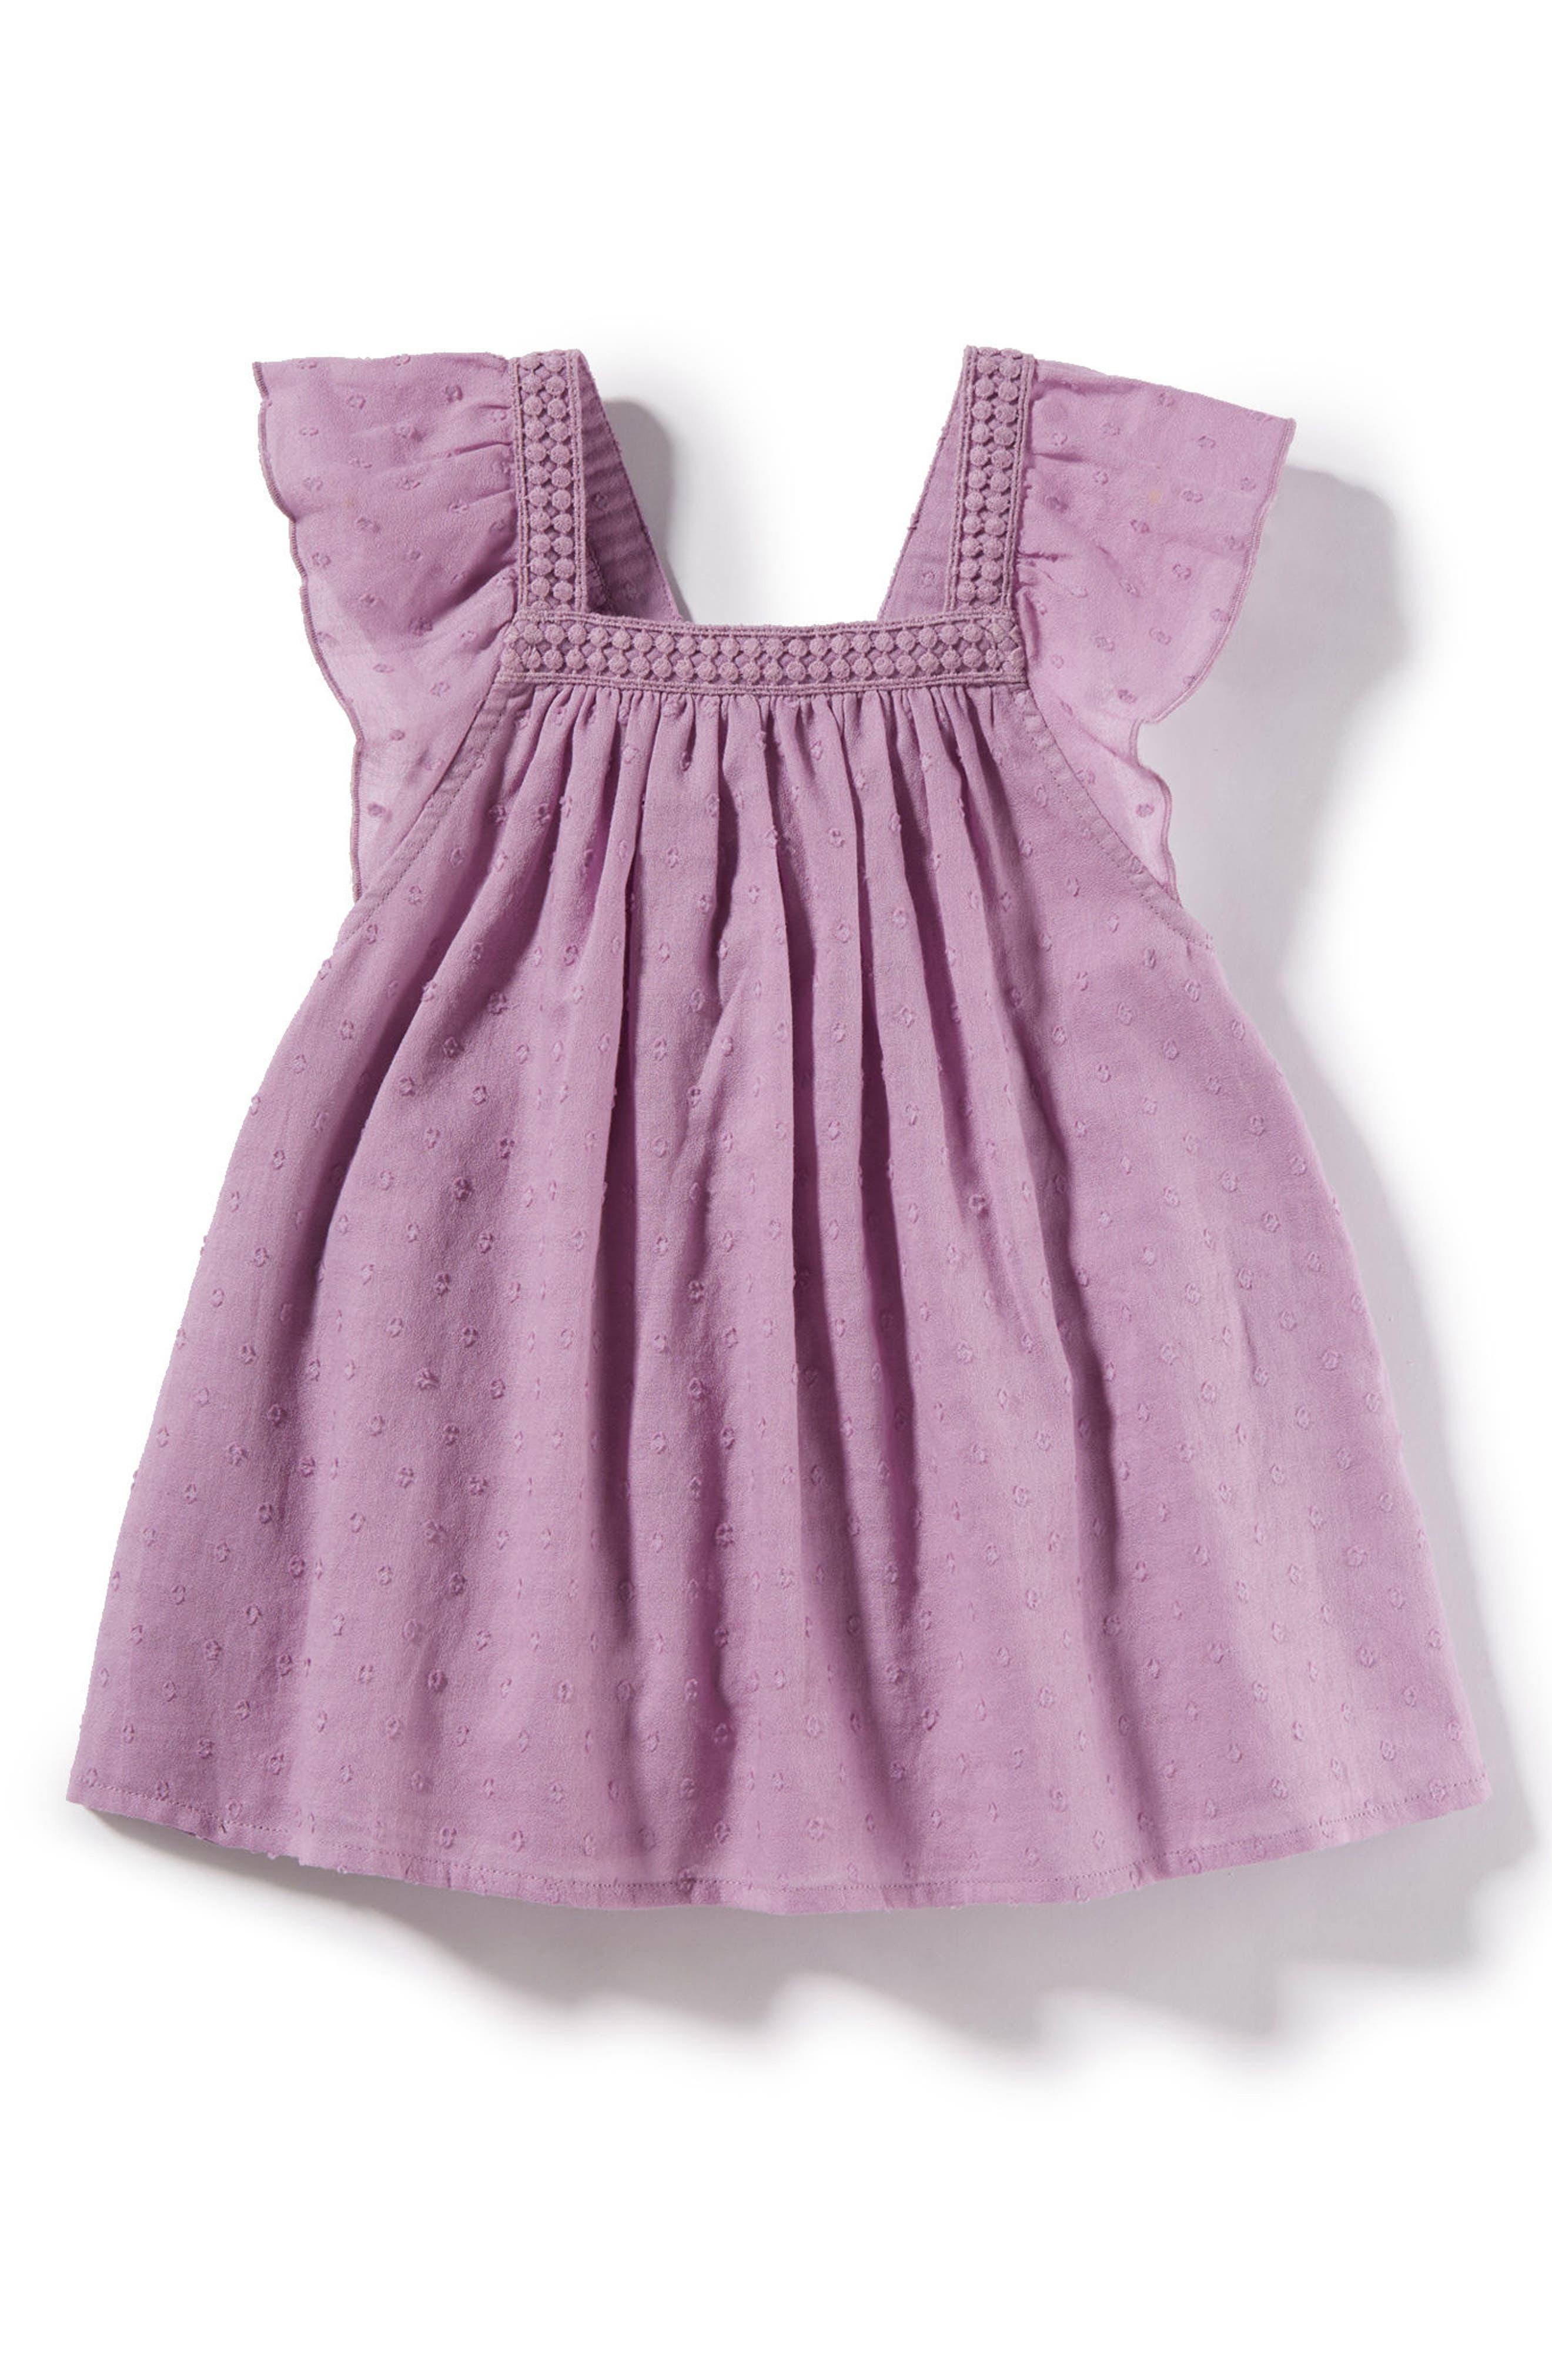 Miriam Top,                         Main,                         color, Lavender